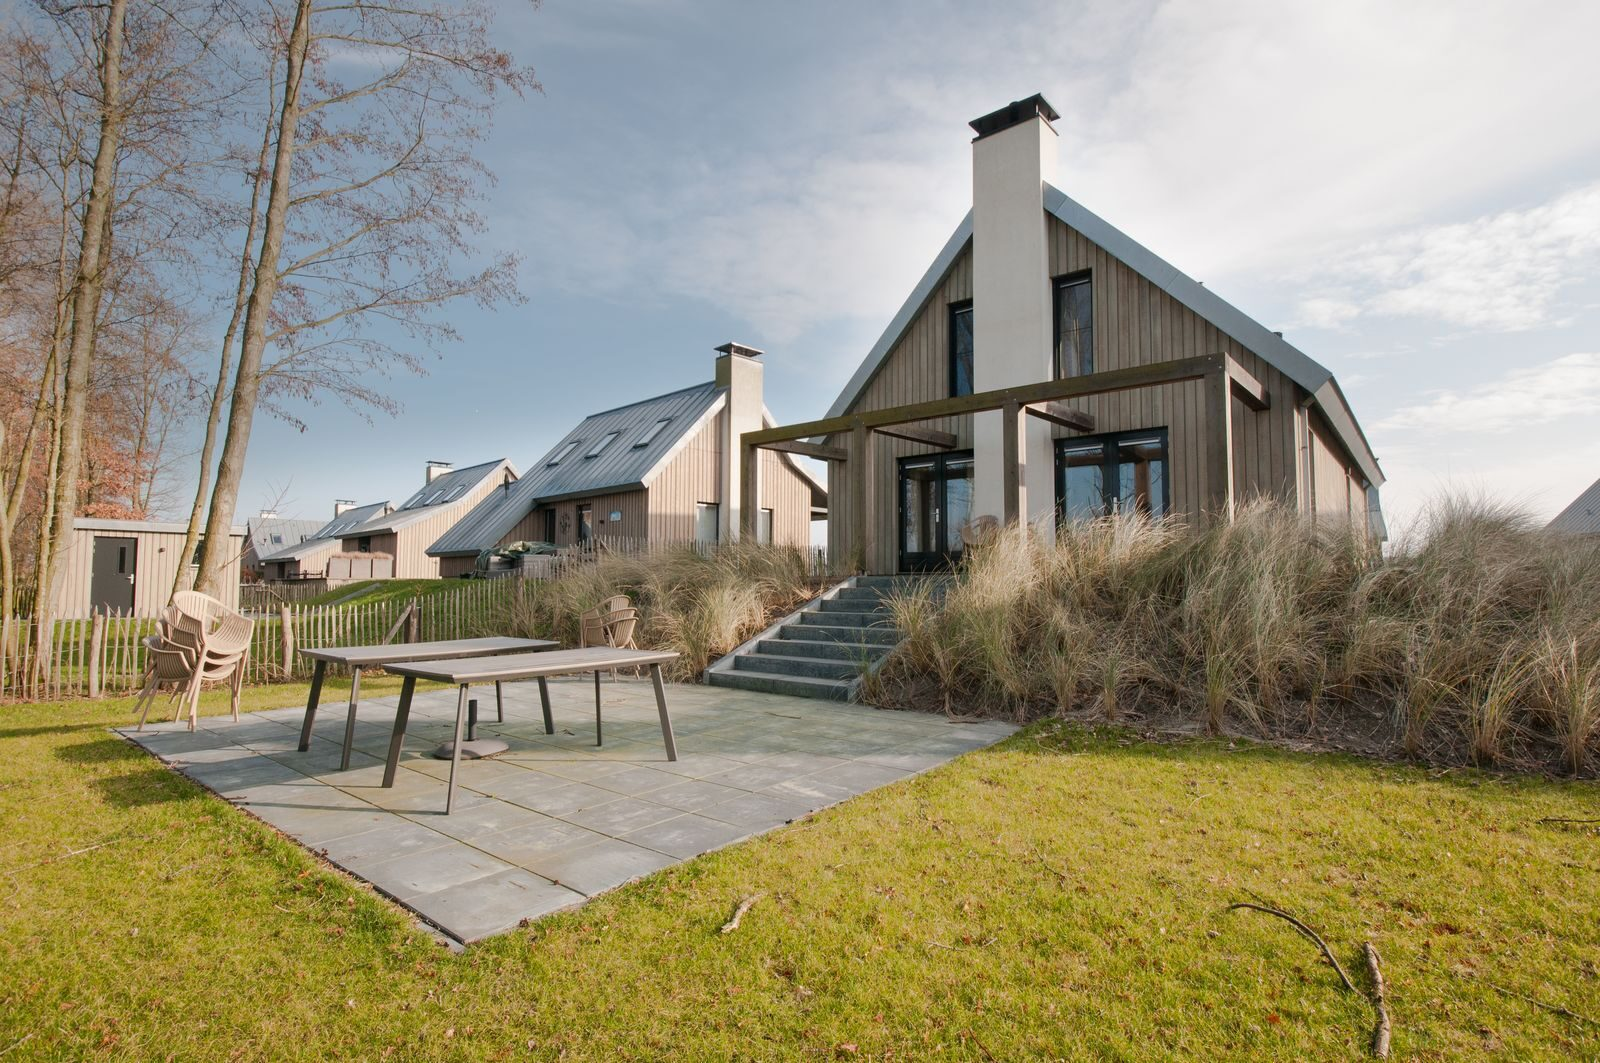 Ferienhaus für 12 Personen in Zeeland